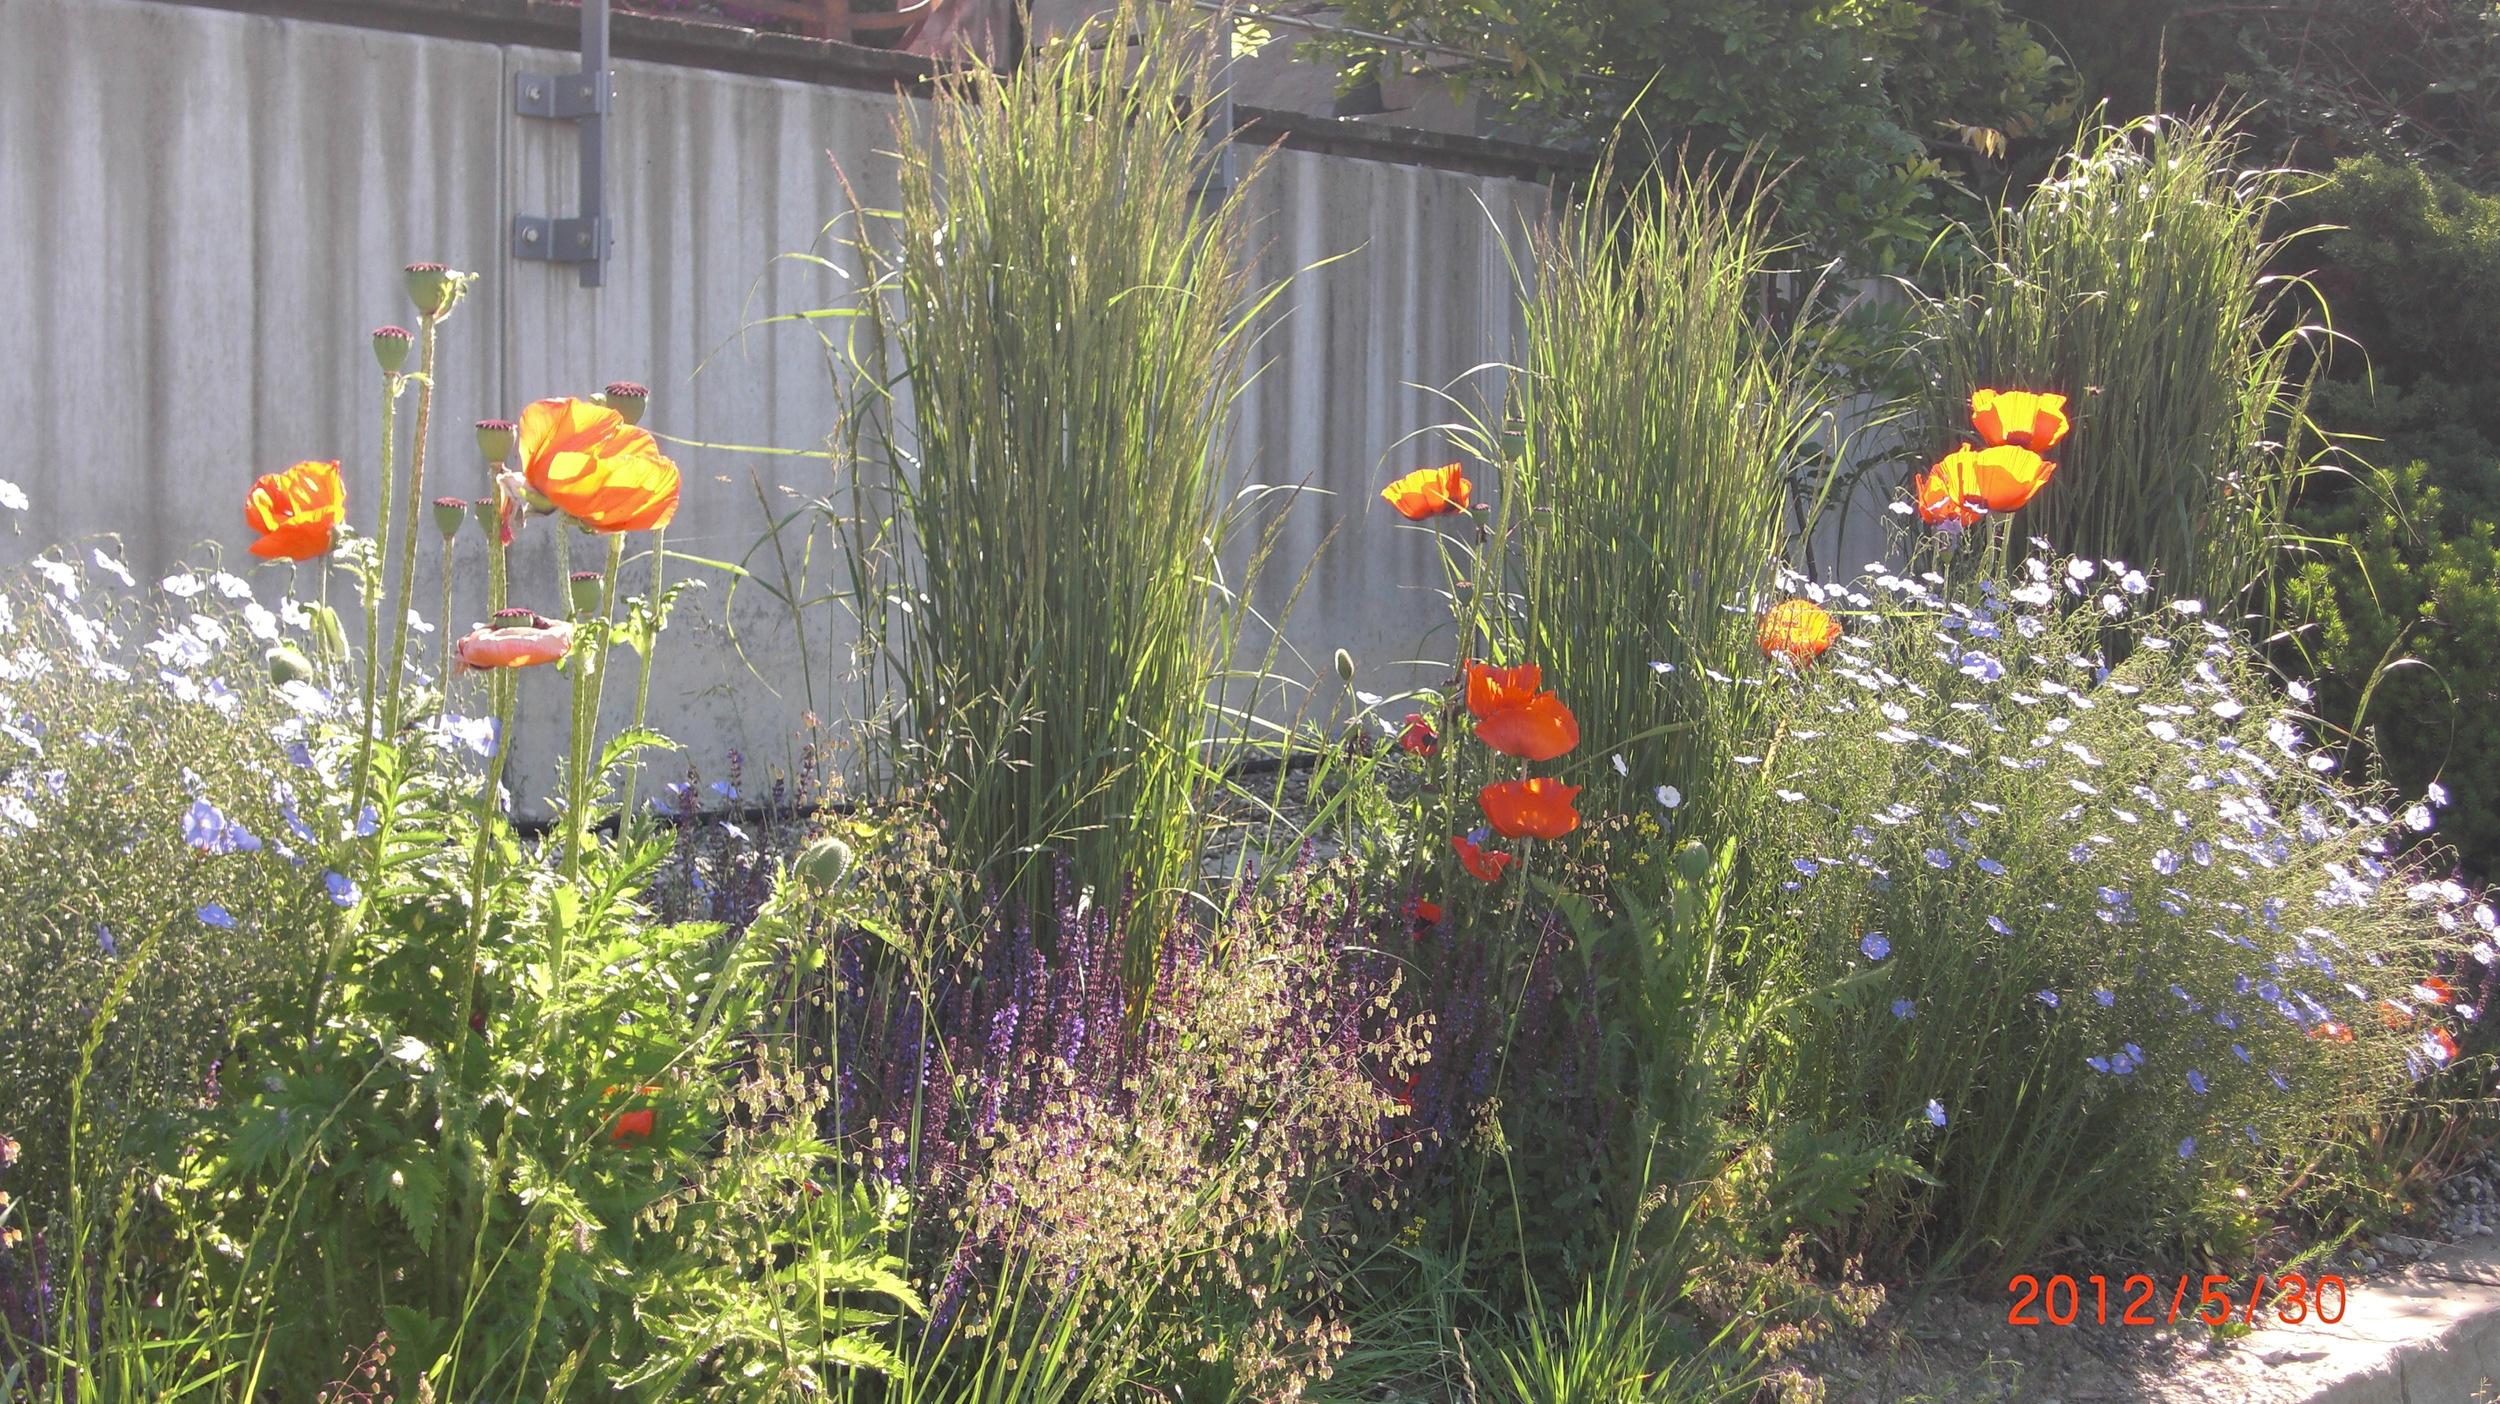 Meilen_Garten_Juni2012 (5).JPG